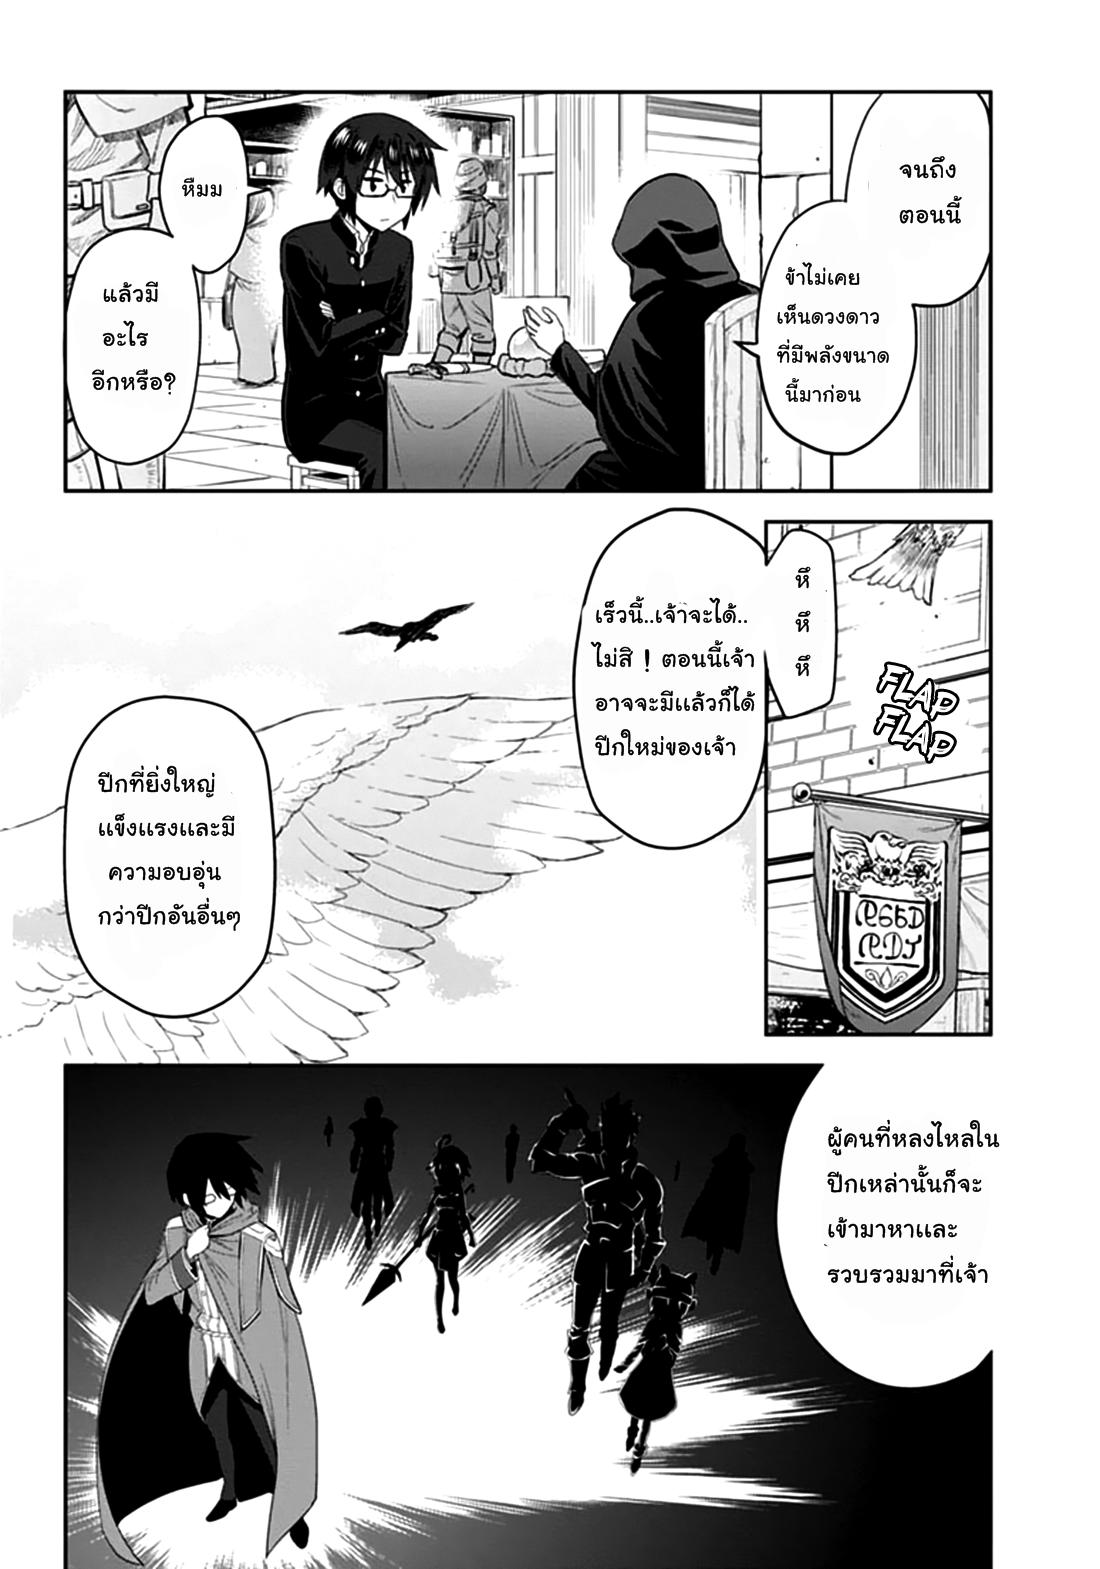 อ่านการ์ตูน Konjiki no Word Master 2 ภาพที่ 4